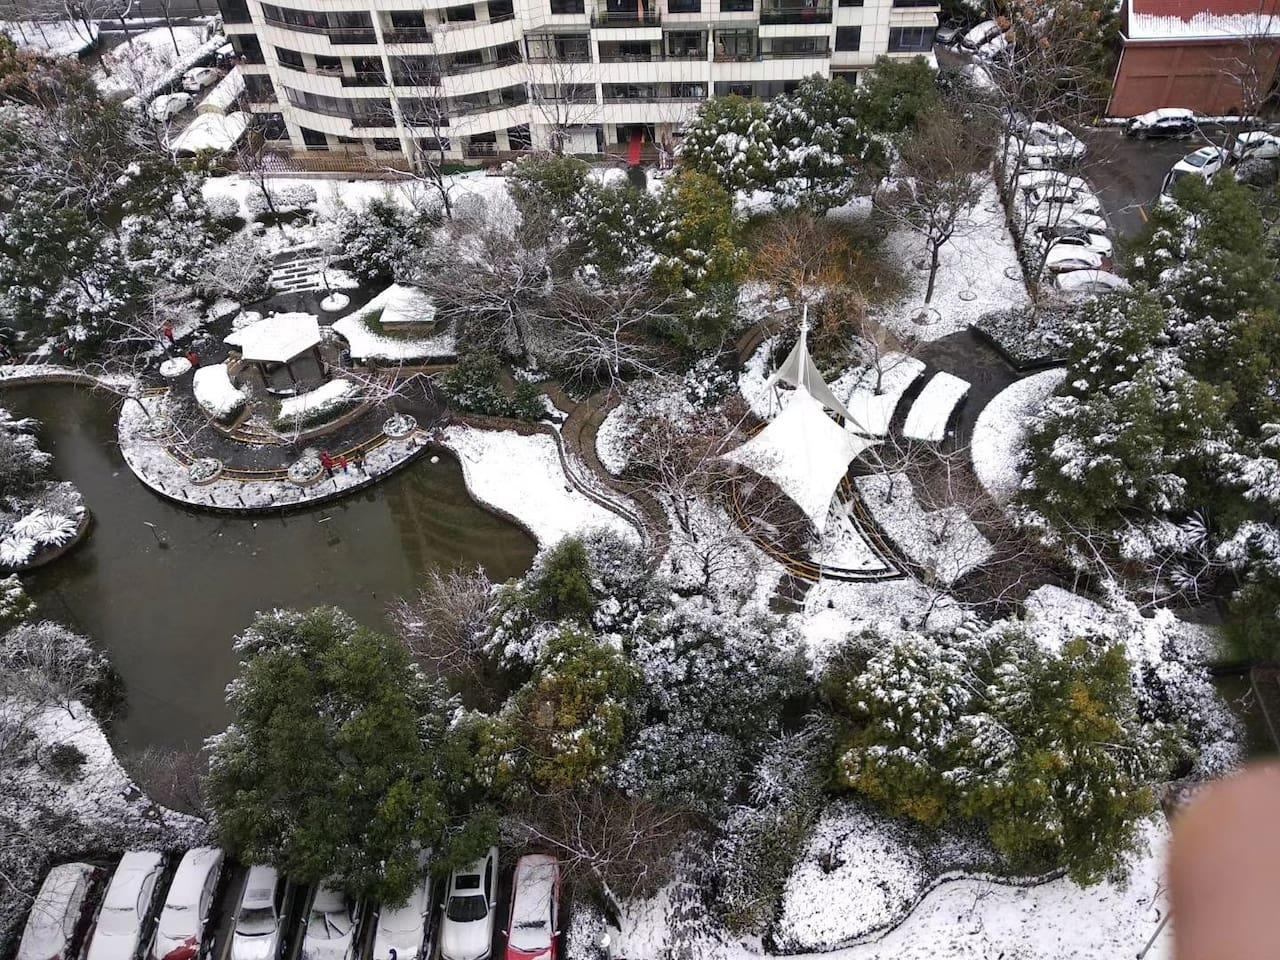 窗外小区花园的雪景